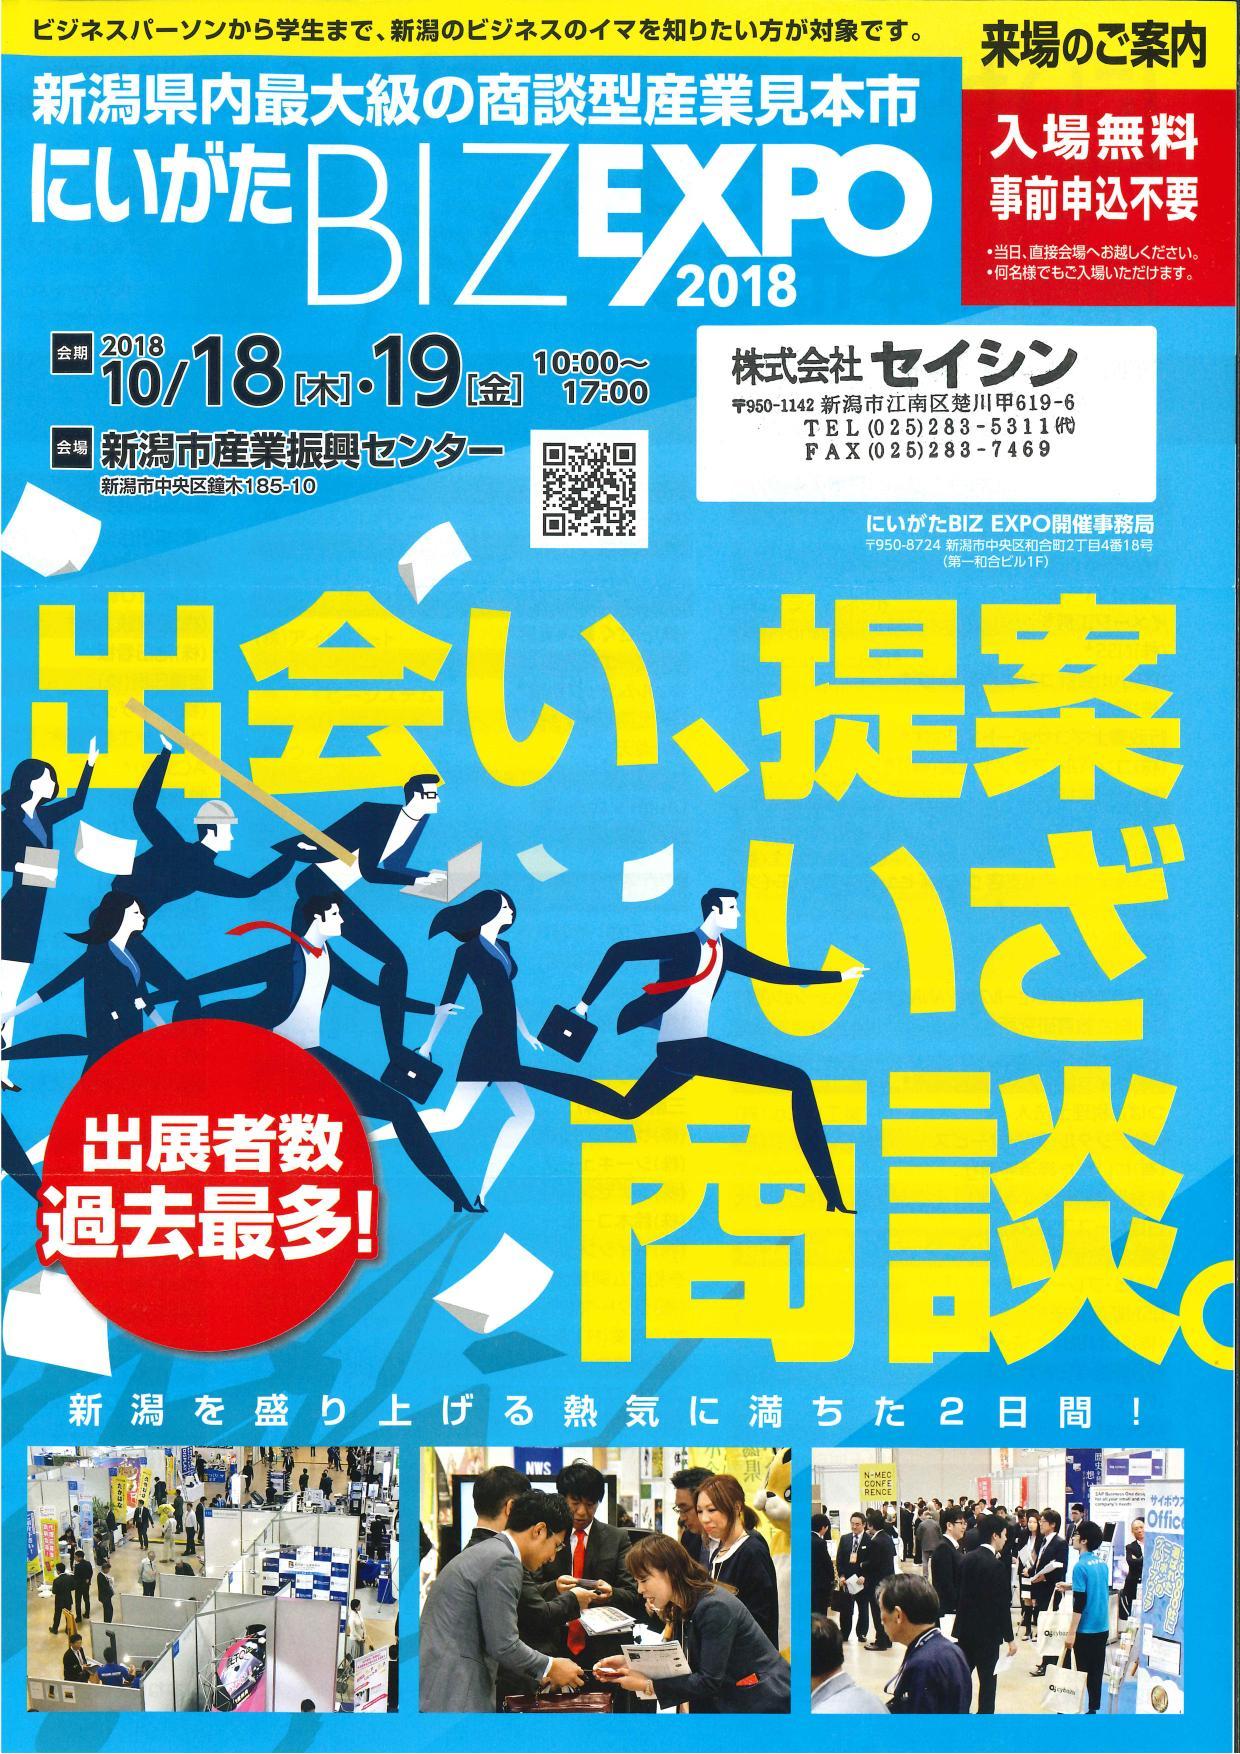 にいがたBIZEXPO2018